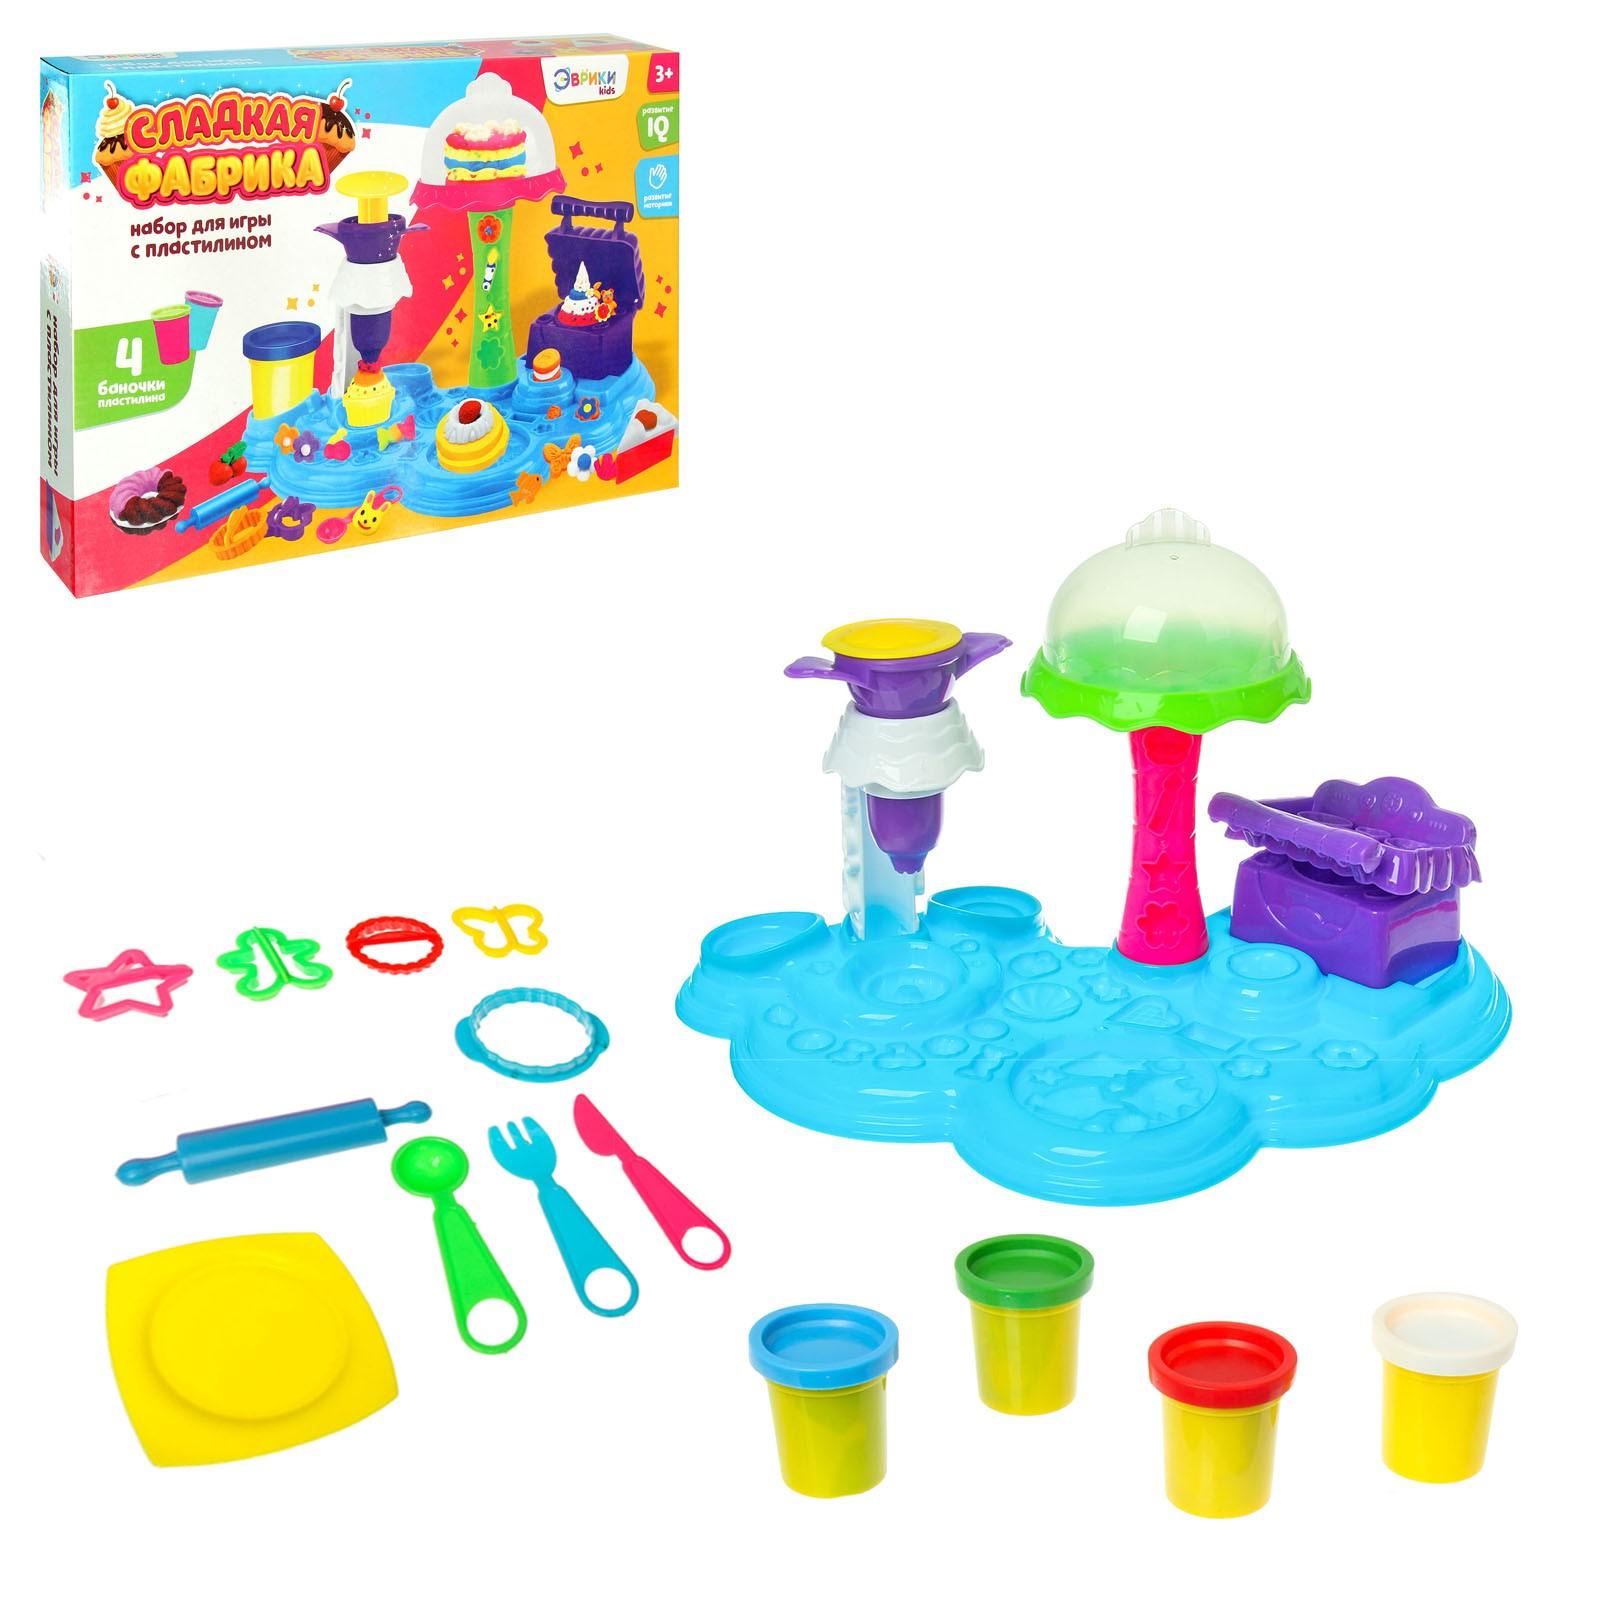 Набор для игры с пластилином «Сладкая фабрика»